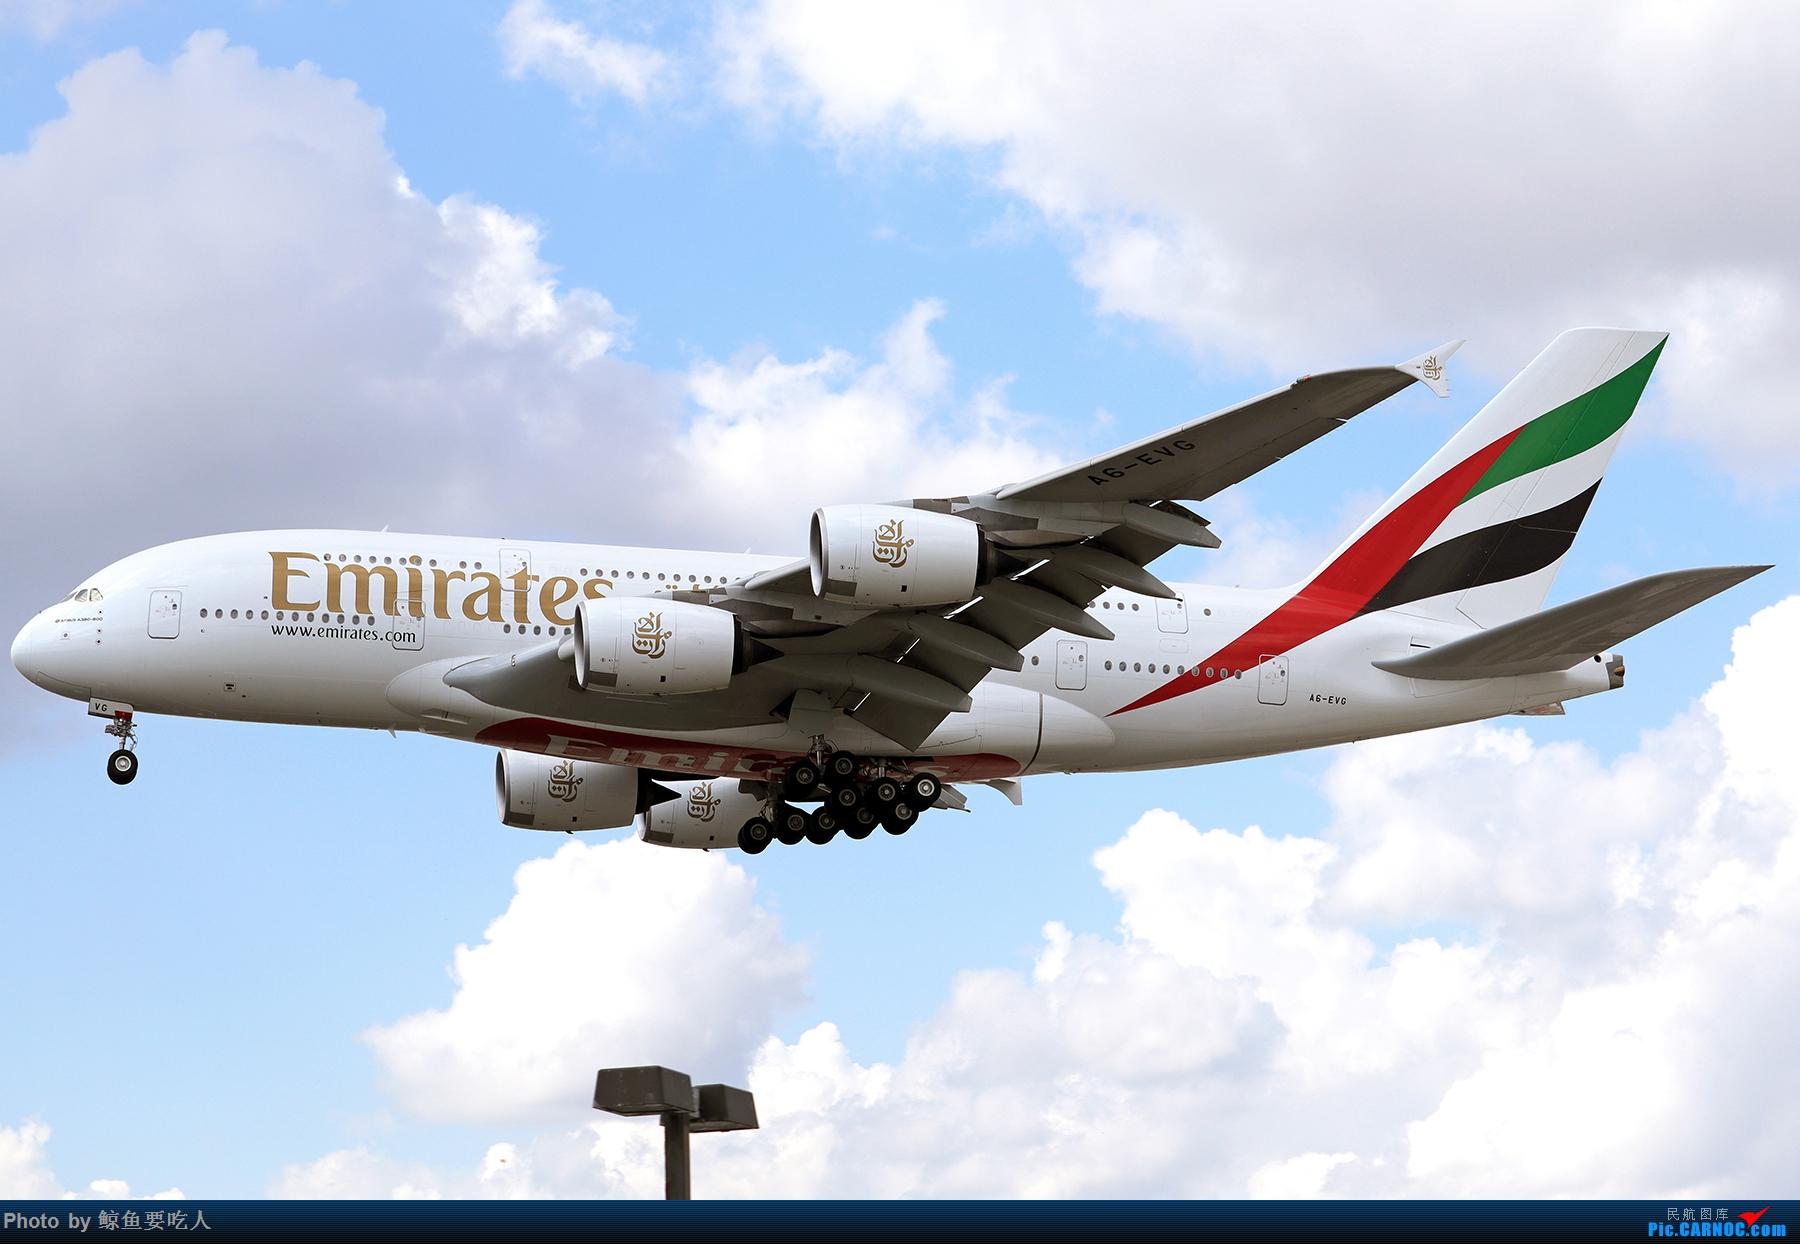 [原创]【多图党】见证疫情后逐步的恢复,加拿大夏日多伦多皮尔逊机场拍机~ 乐见诸航空公司复航多伦多 AIRBUS A380-800 A6-EVG 多伦多皮尔逊国际机场